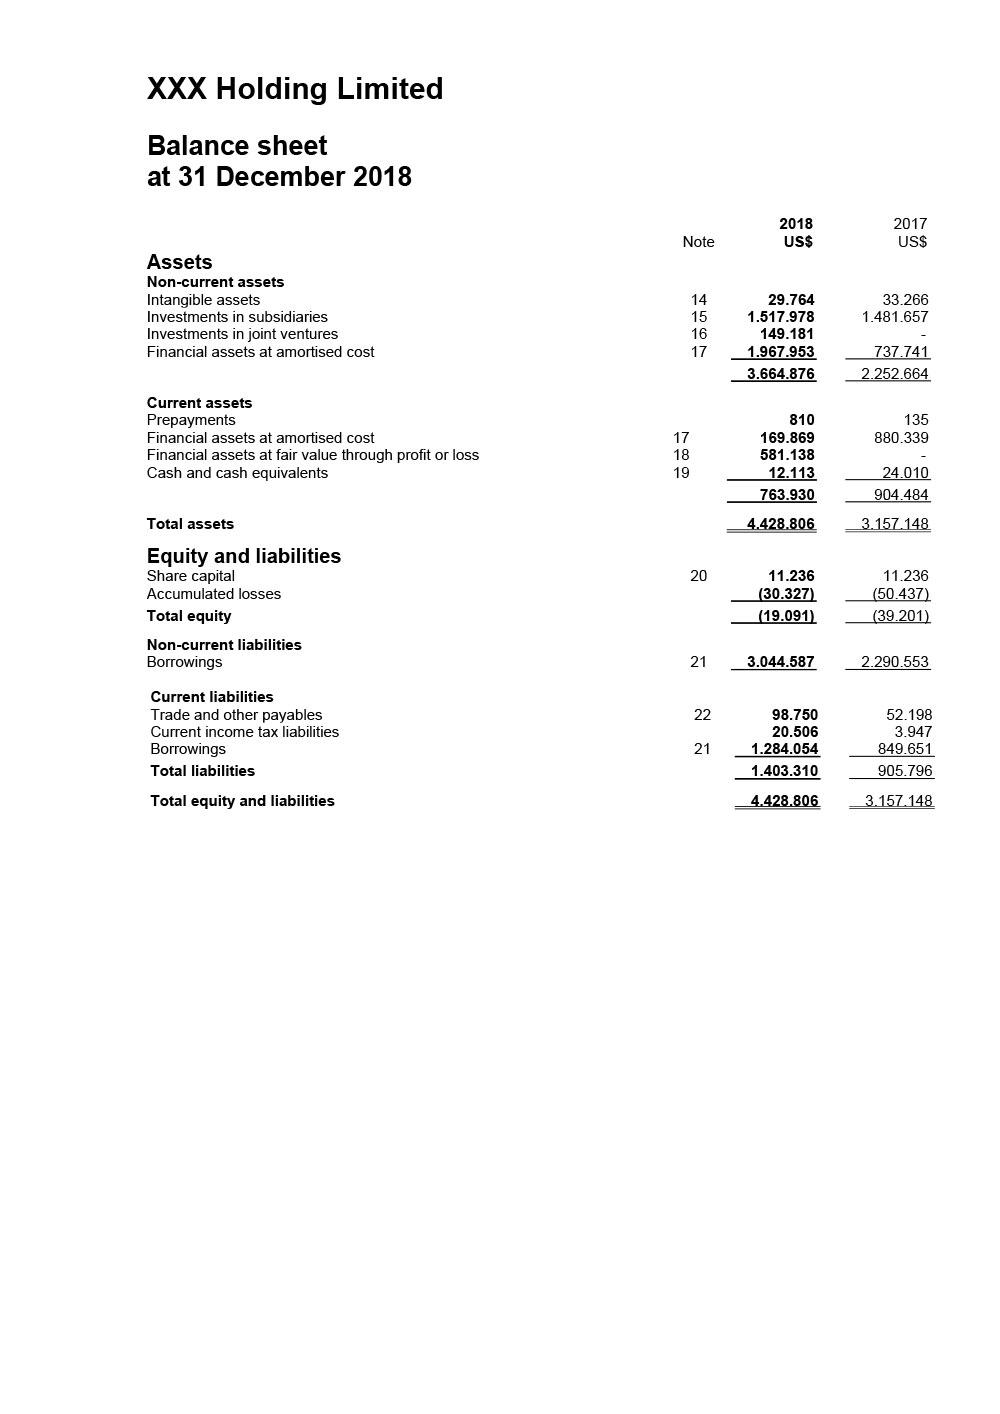 Пример финансового отчета на английский